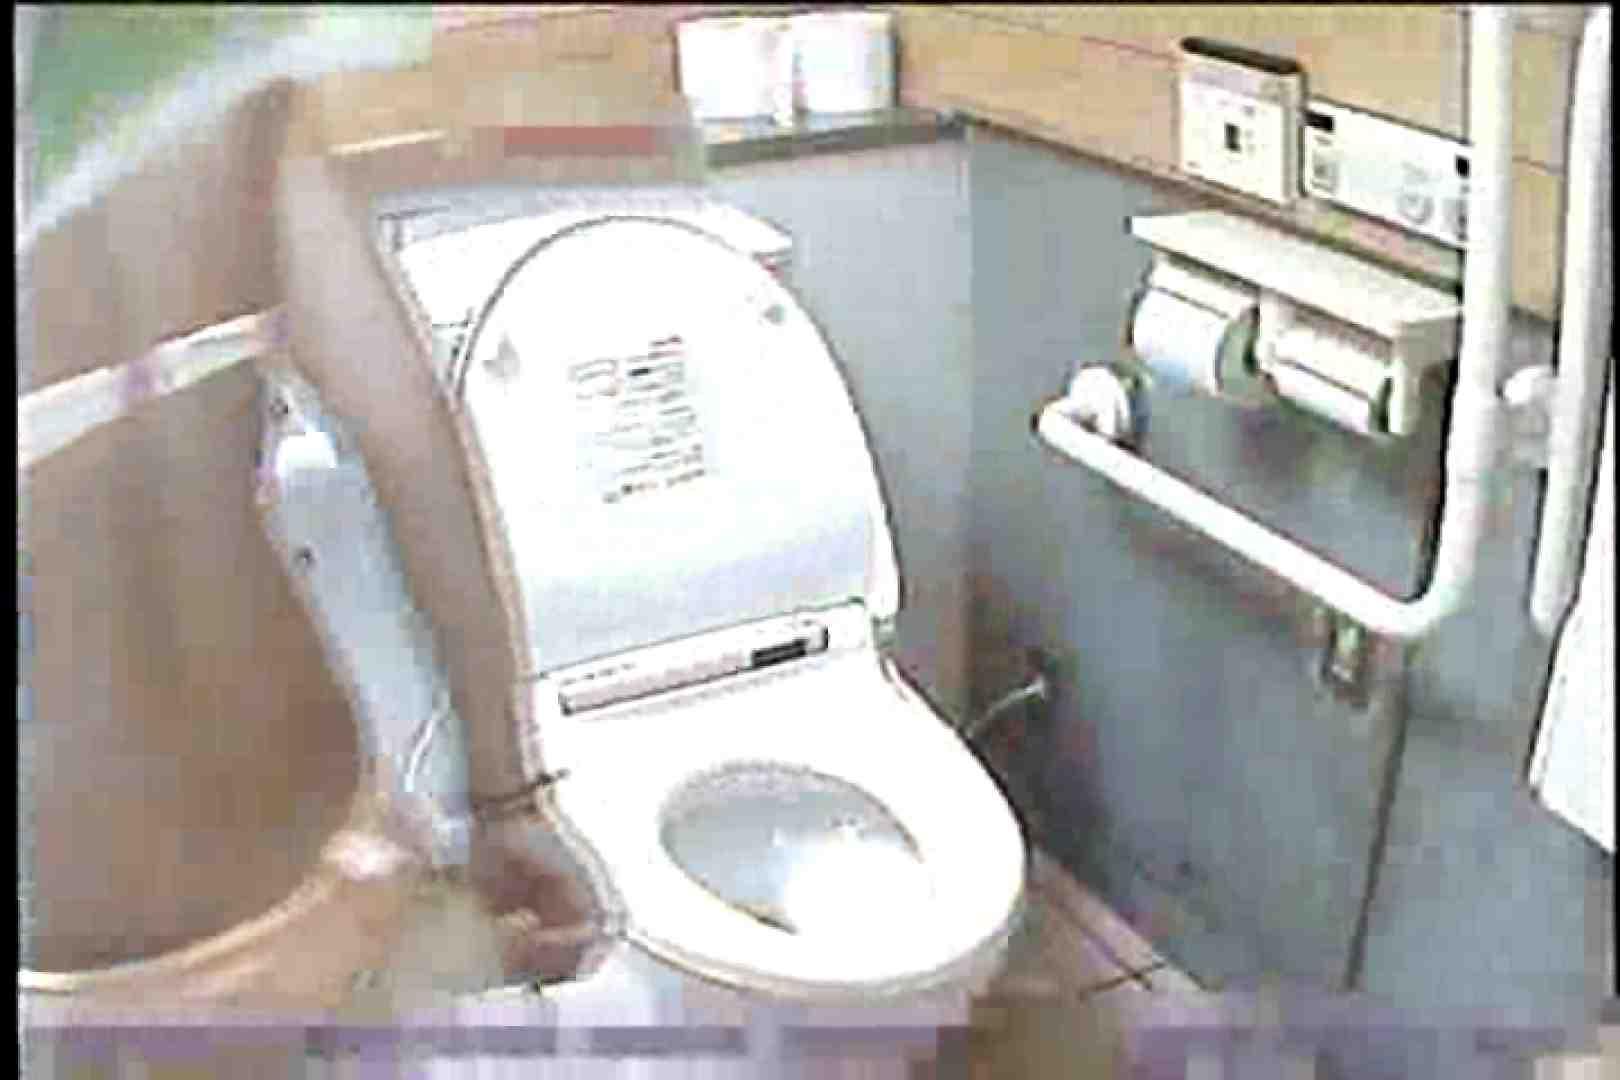 2点盗撮洗面所潜入レポートVol.7 洋式固定カメラ編 カップル おまんこ動画流出 91pic 89